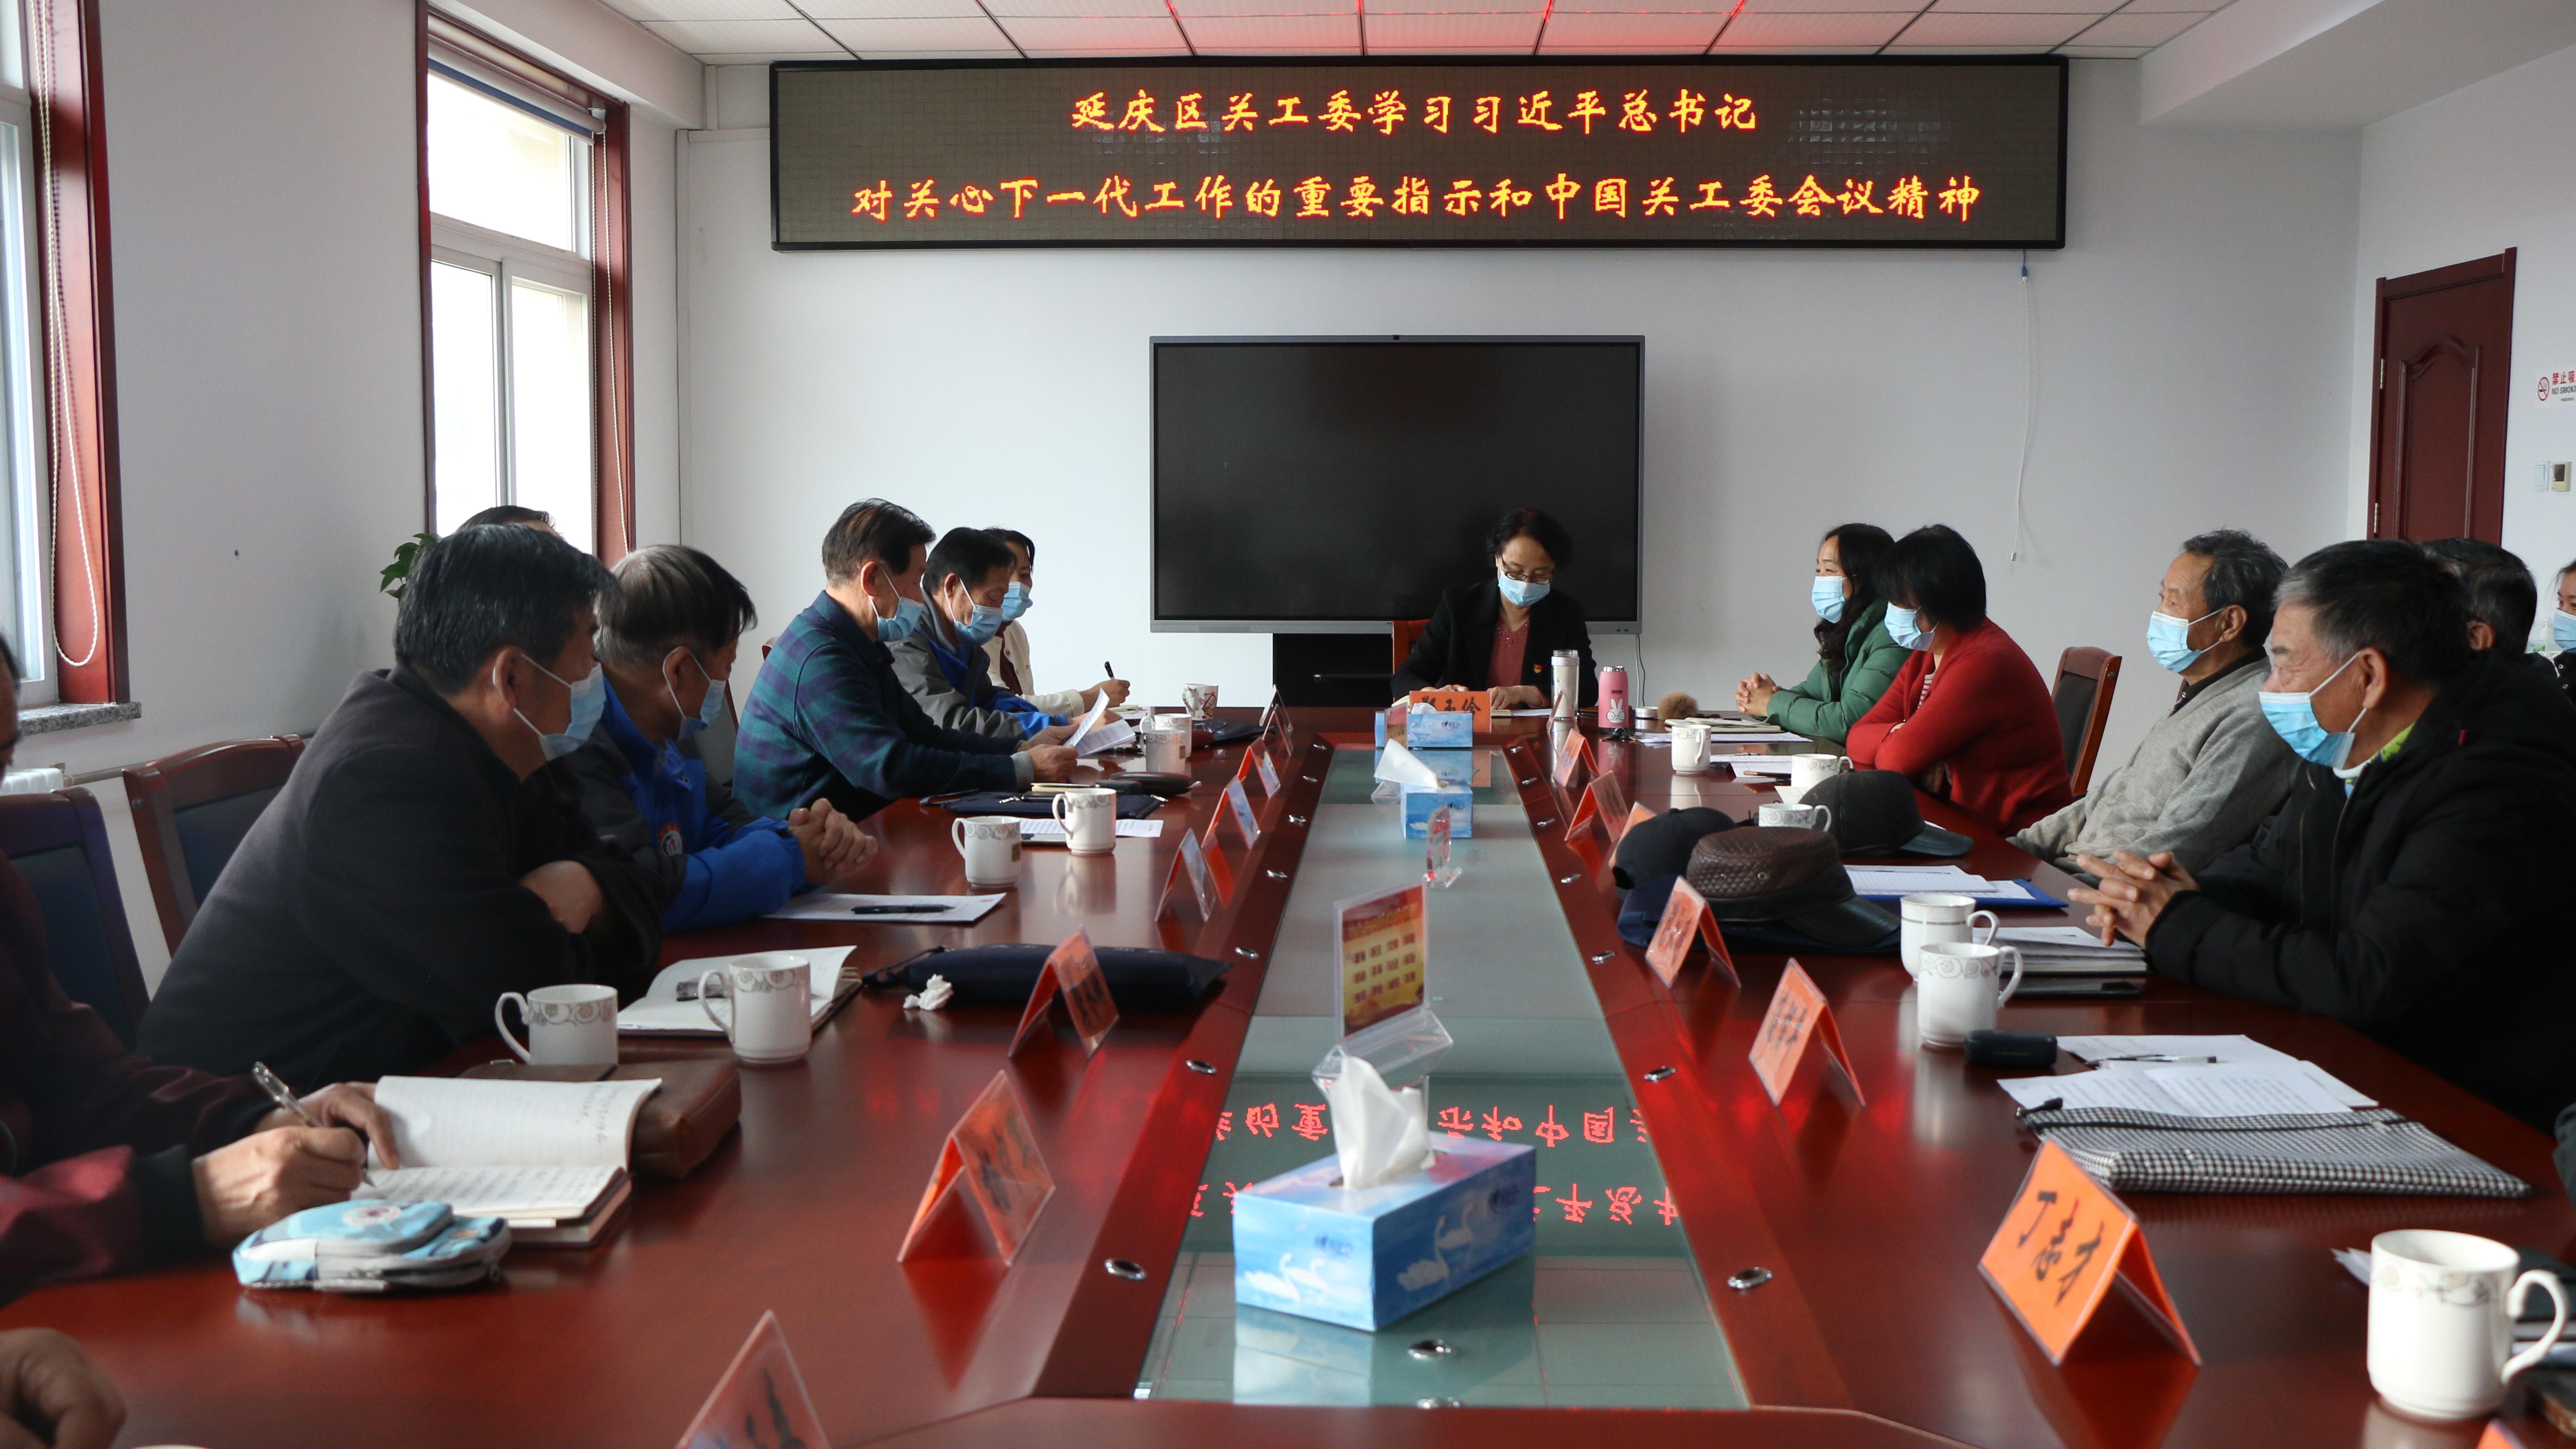 延庆区关工委传达学习习近平总书记对关心下一代工作的重要指示